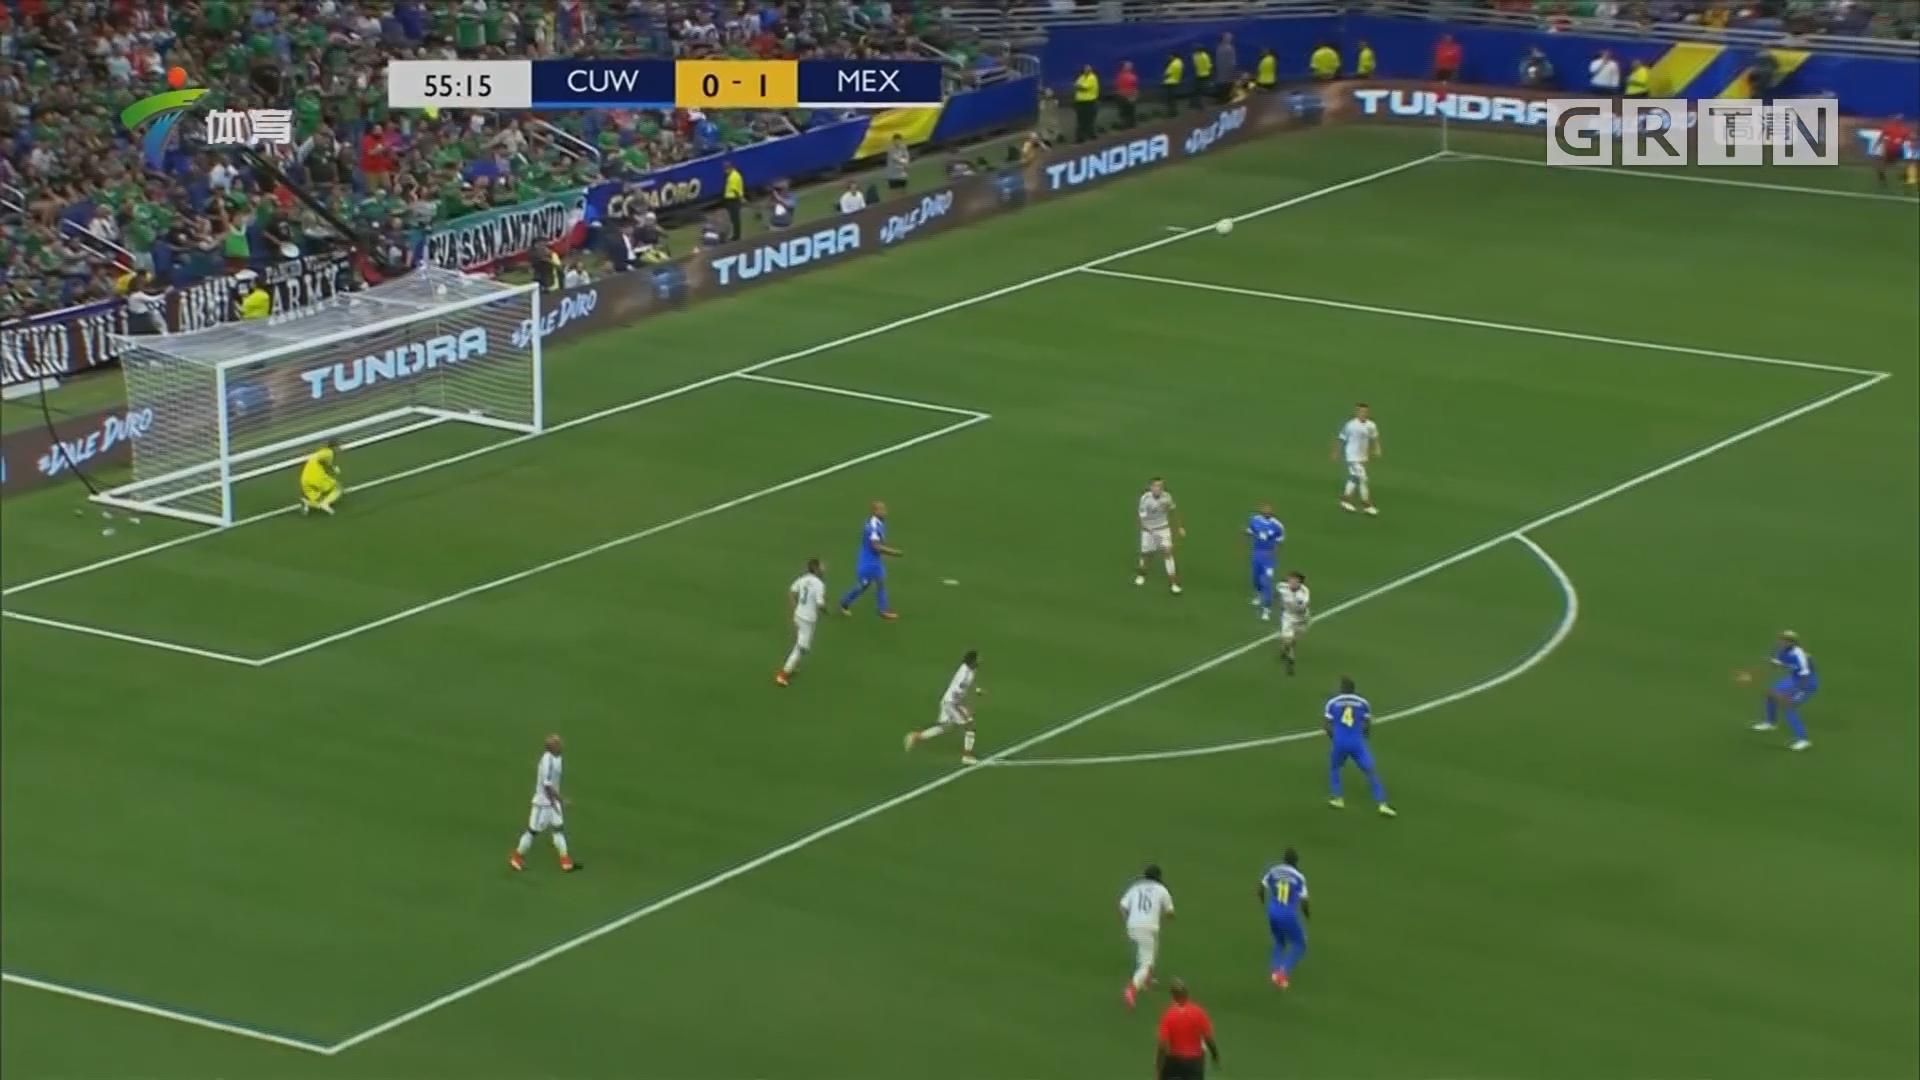 美金杯 阿尔瓦雷斯处子球 墨西哥完胜库拉索